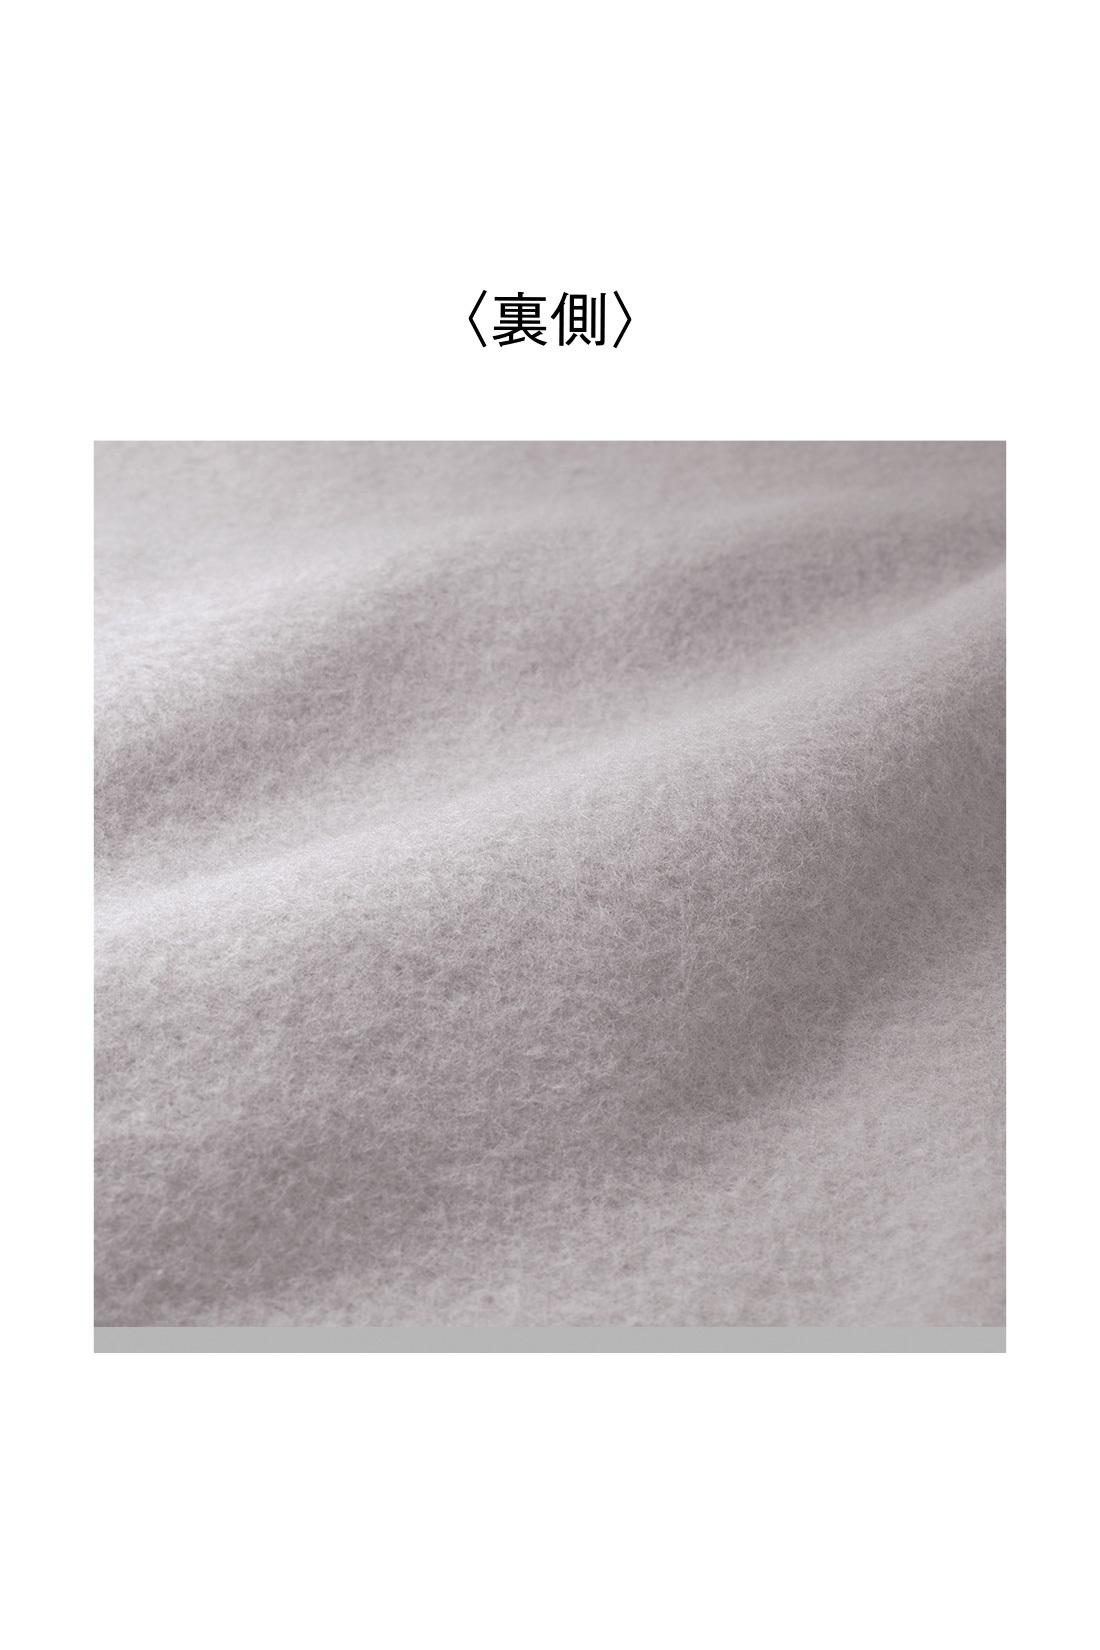 やわらかさが引き立つ、暖かな天然素材の裏起毛はやさしい肌ざわり。 ※お届けするカラーとは異なります。